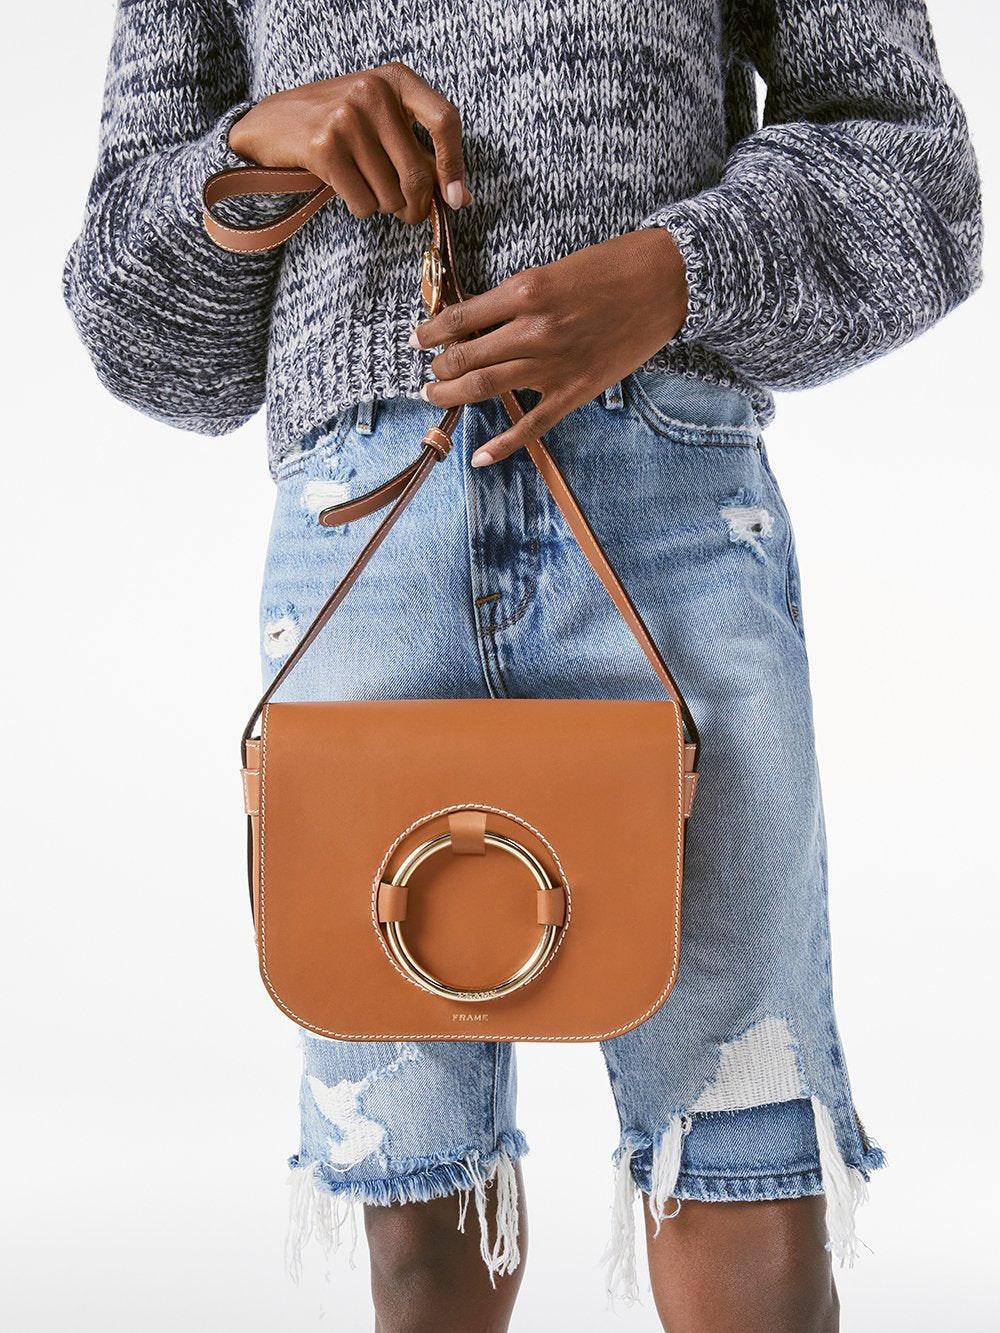 handbag front view 2 alt:hover